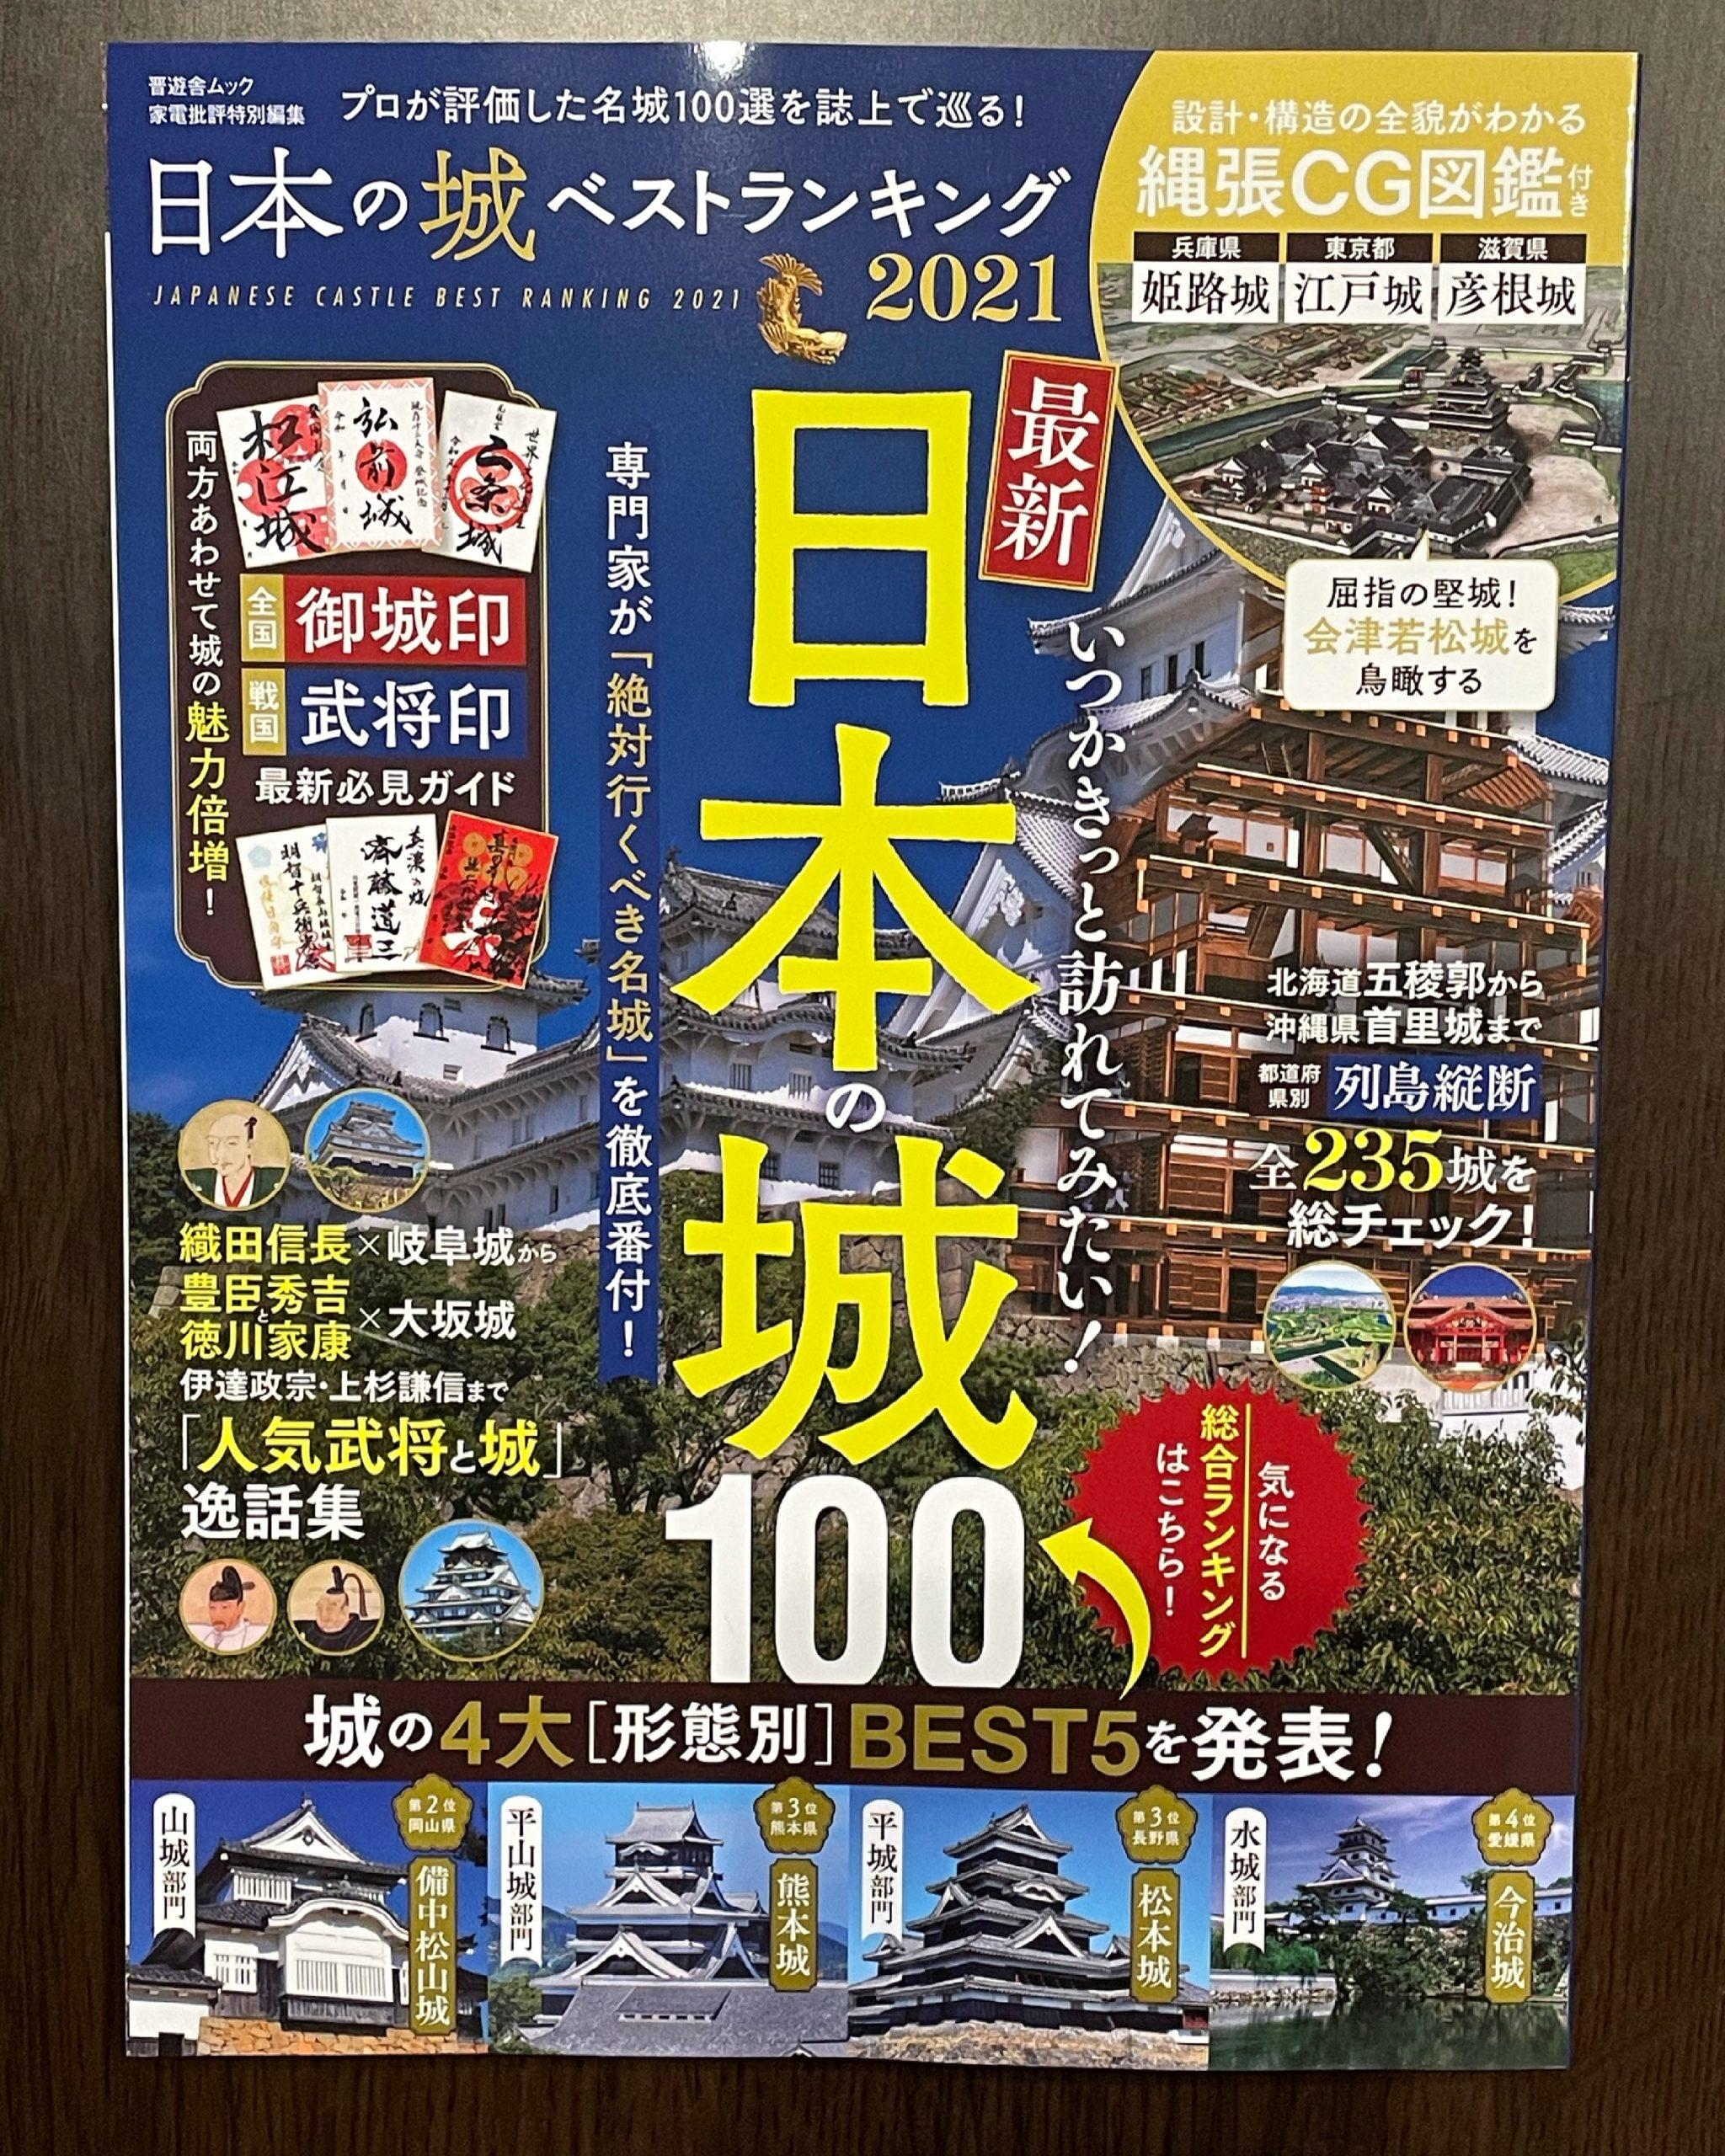 今年もでた!『日本の城ベストランキング2021』